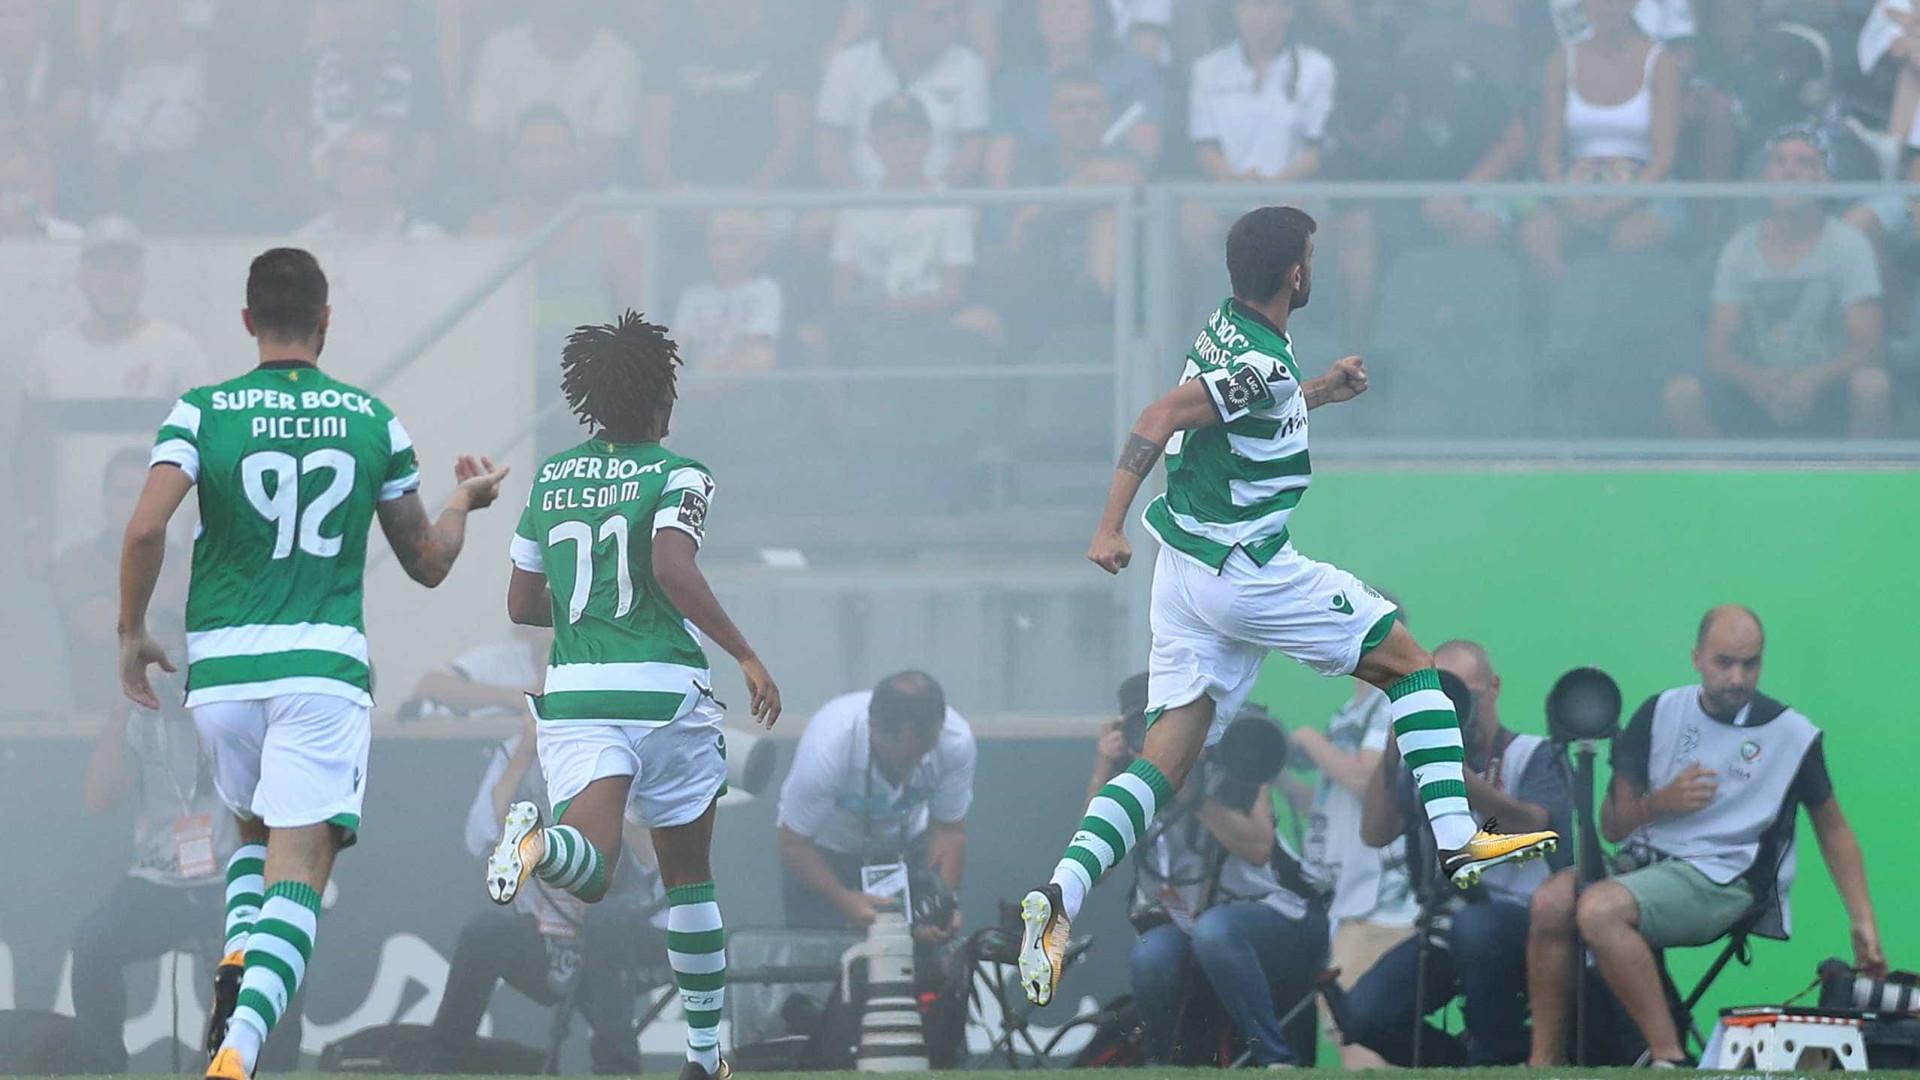 Demasiado Bruno Fernandes para tão pouco Vitória